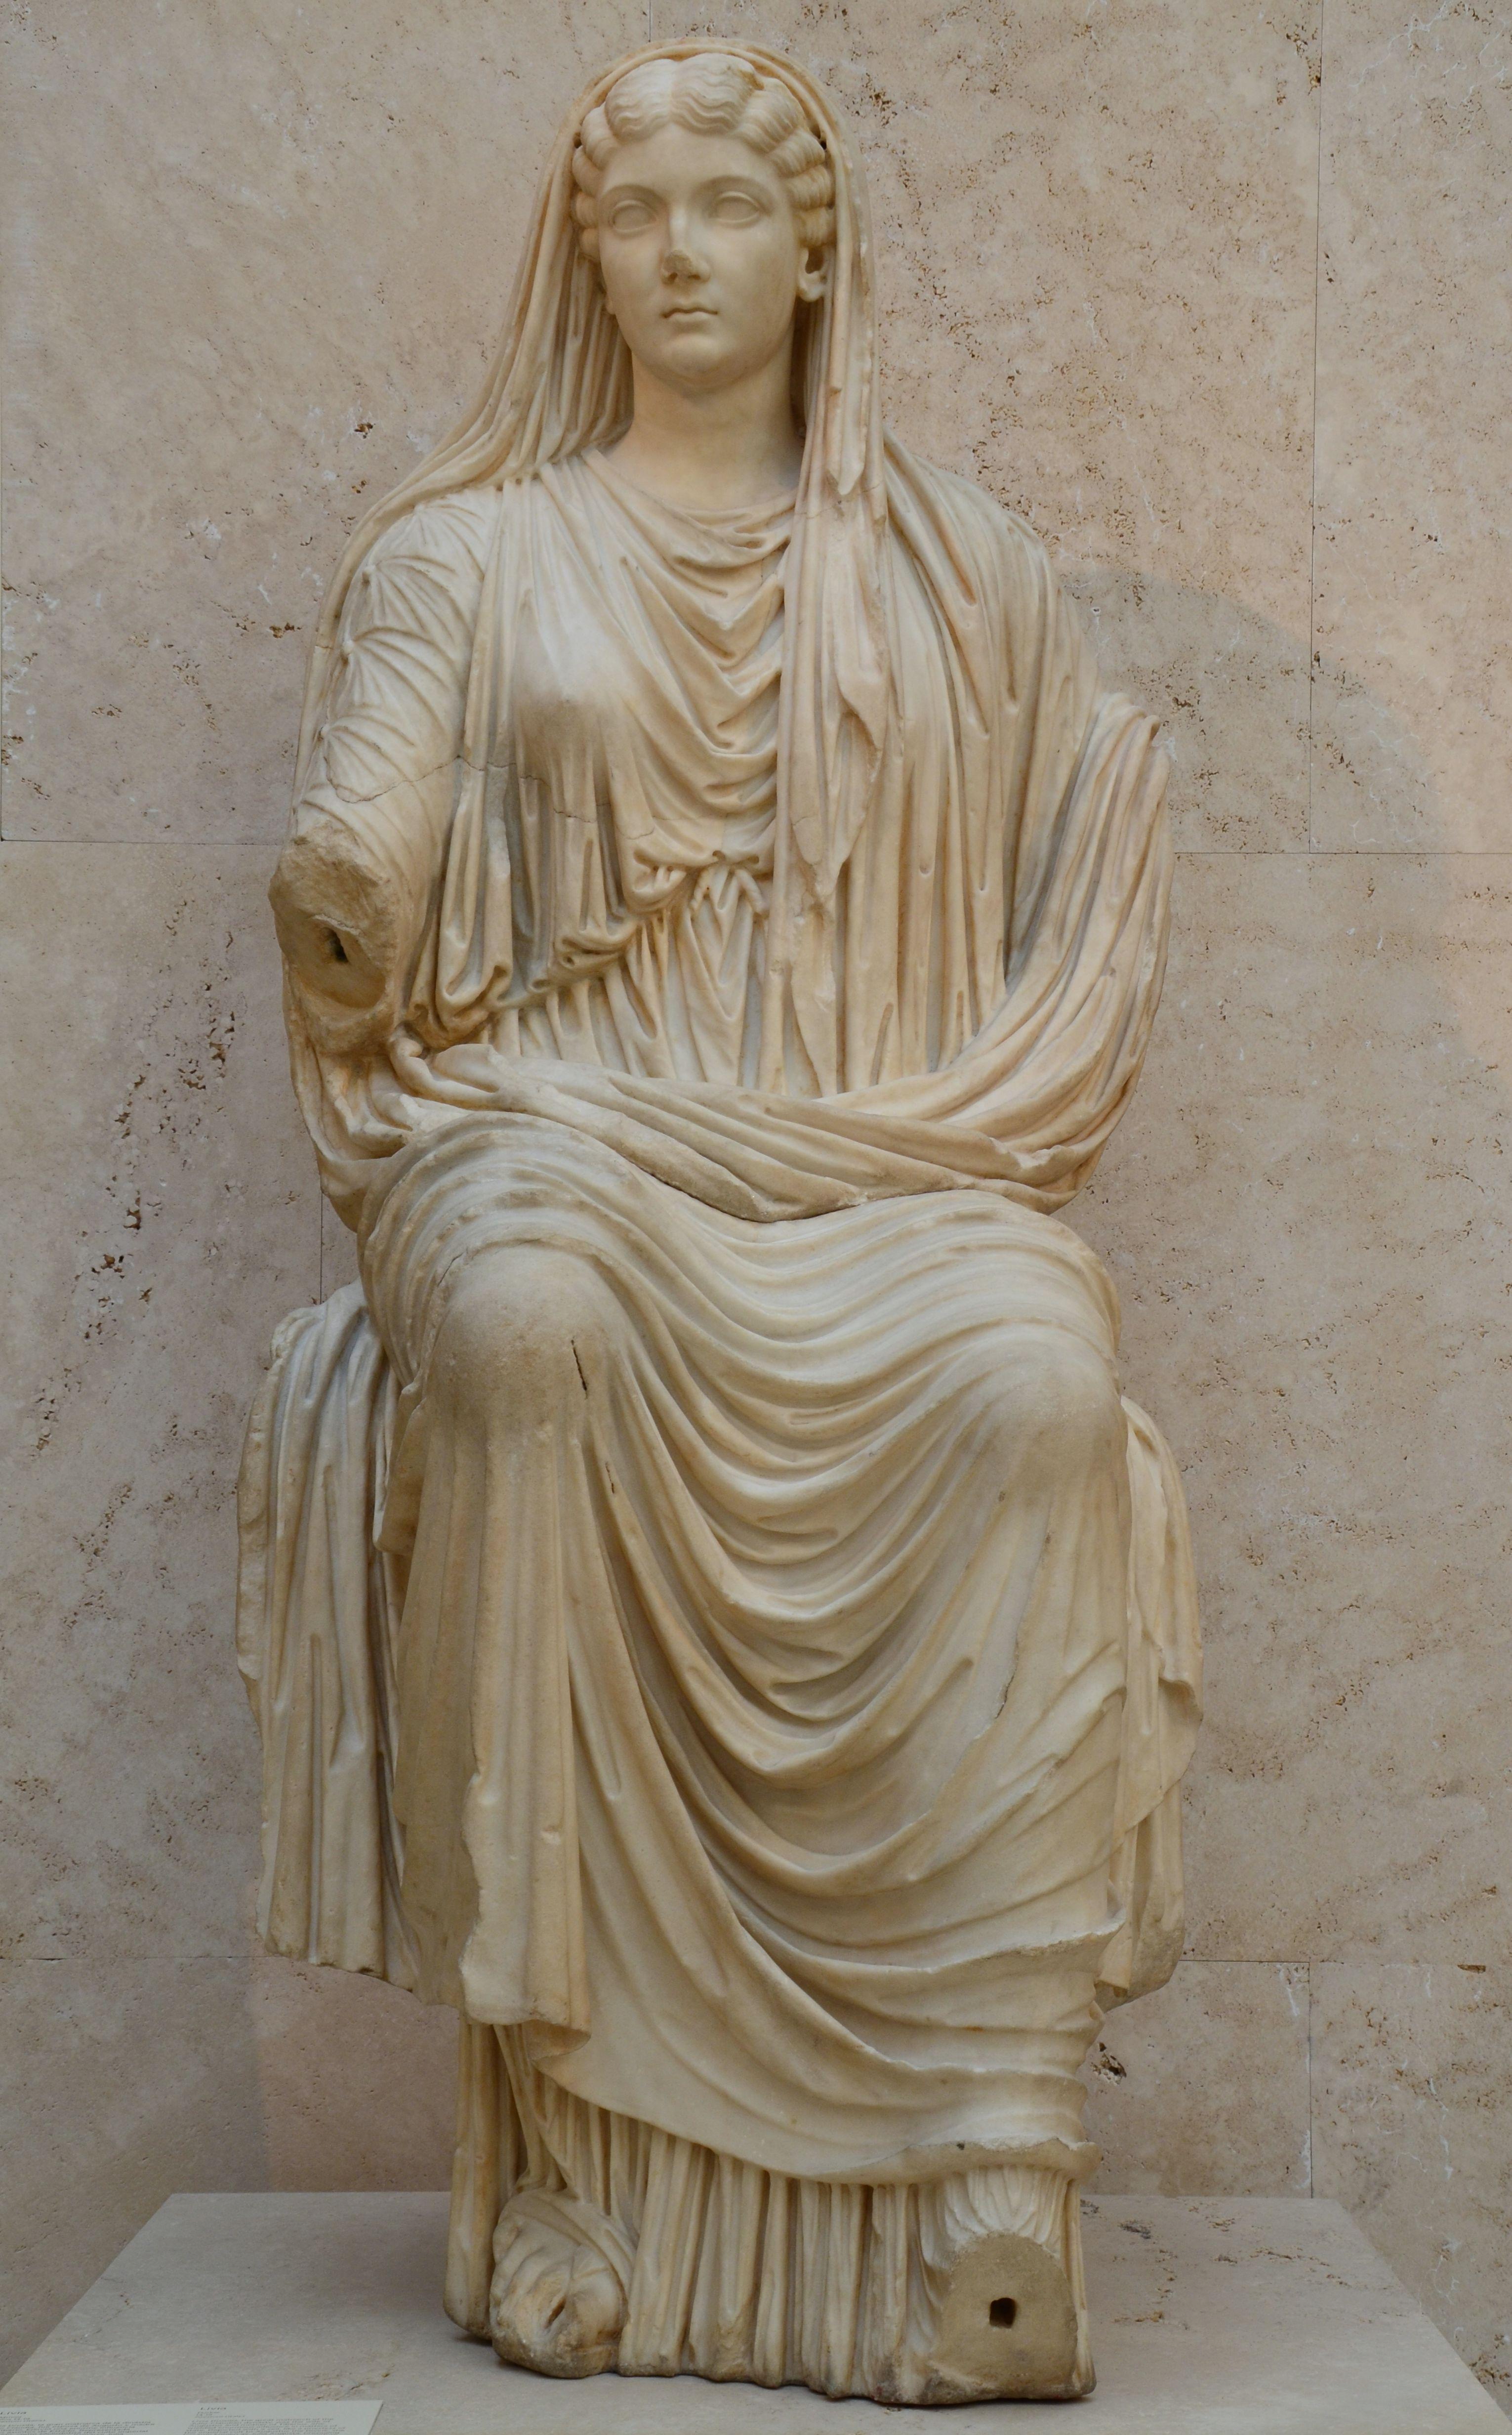 Livia Drusilla Augustus